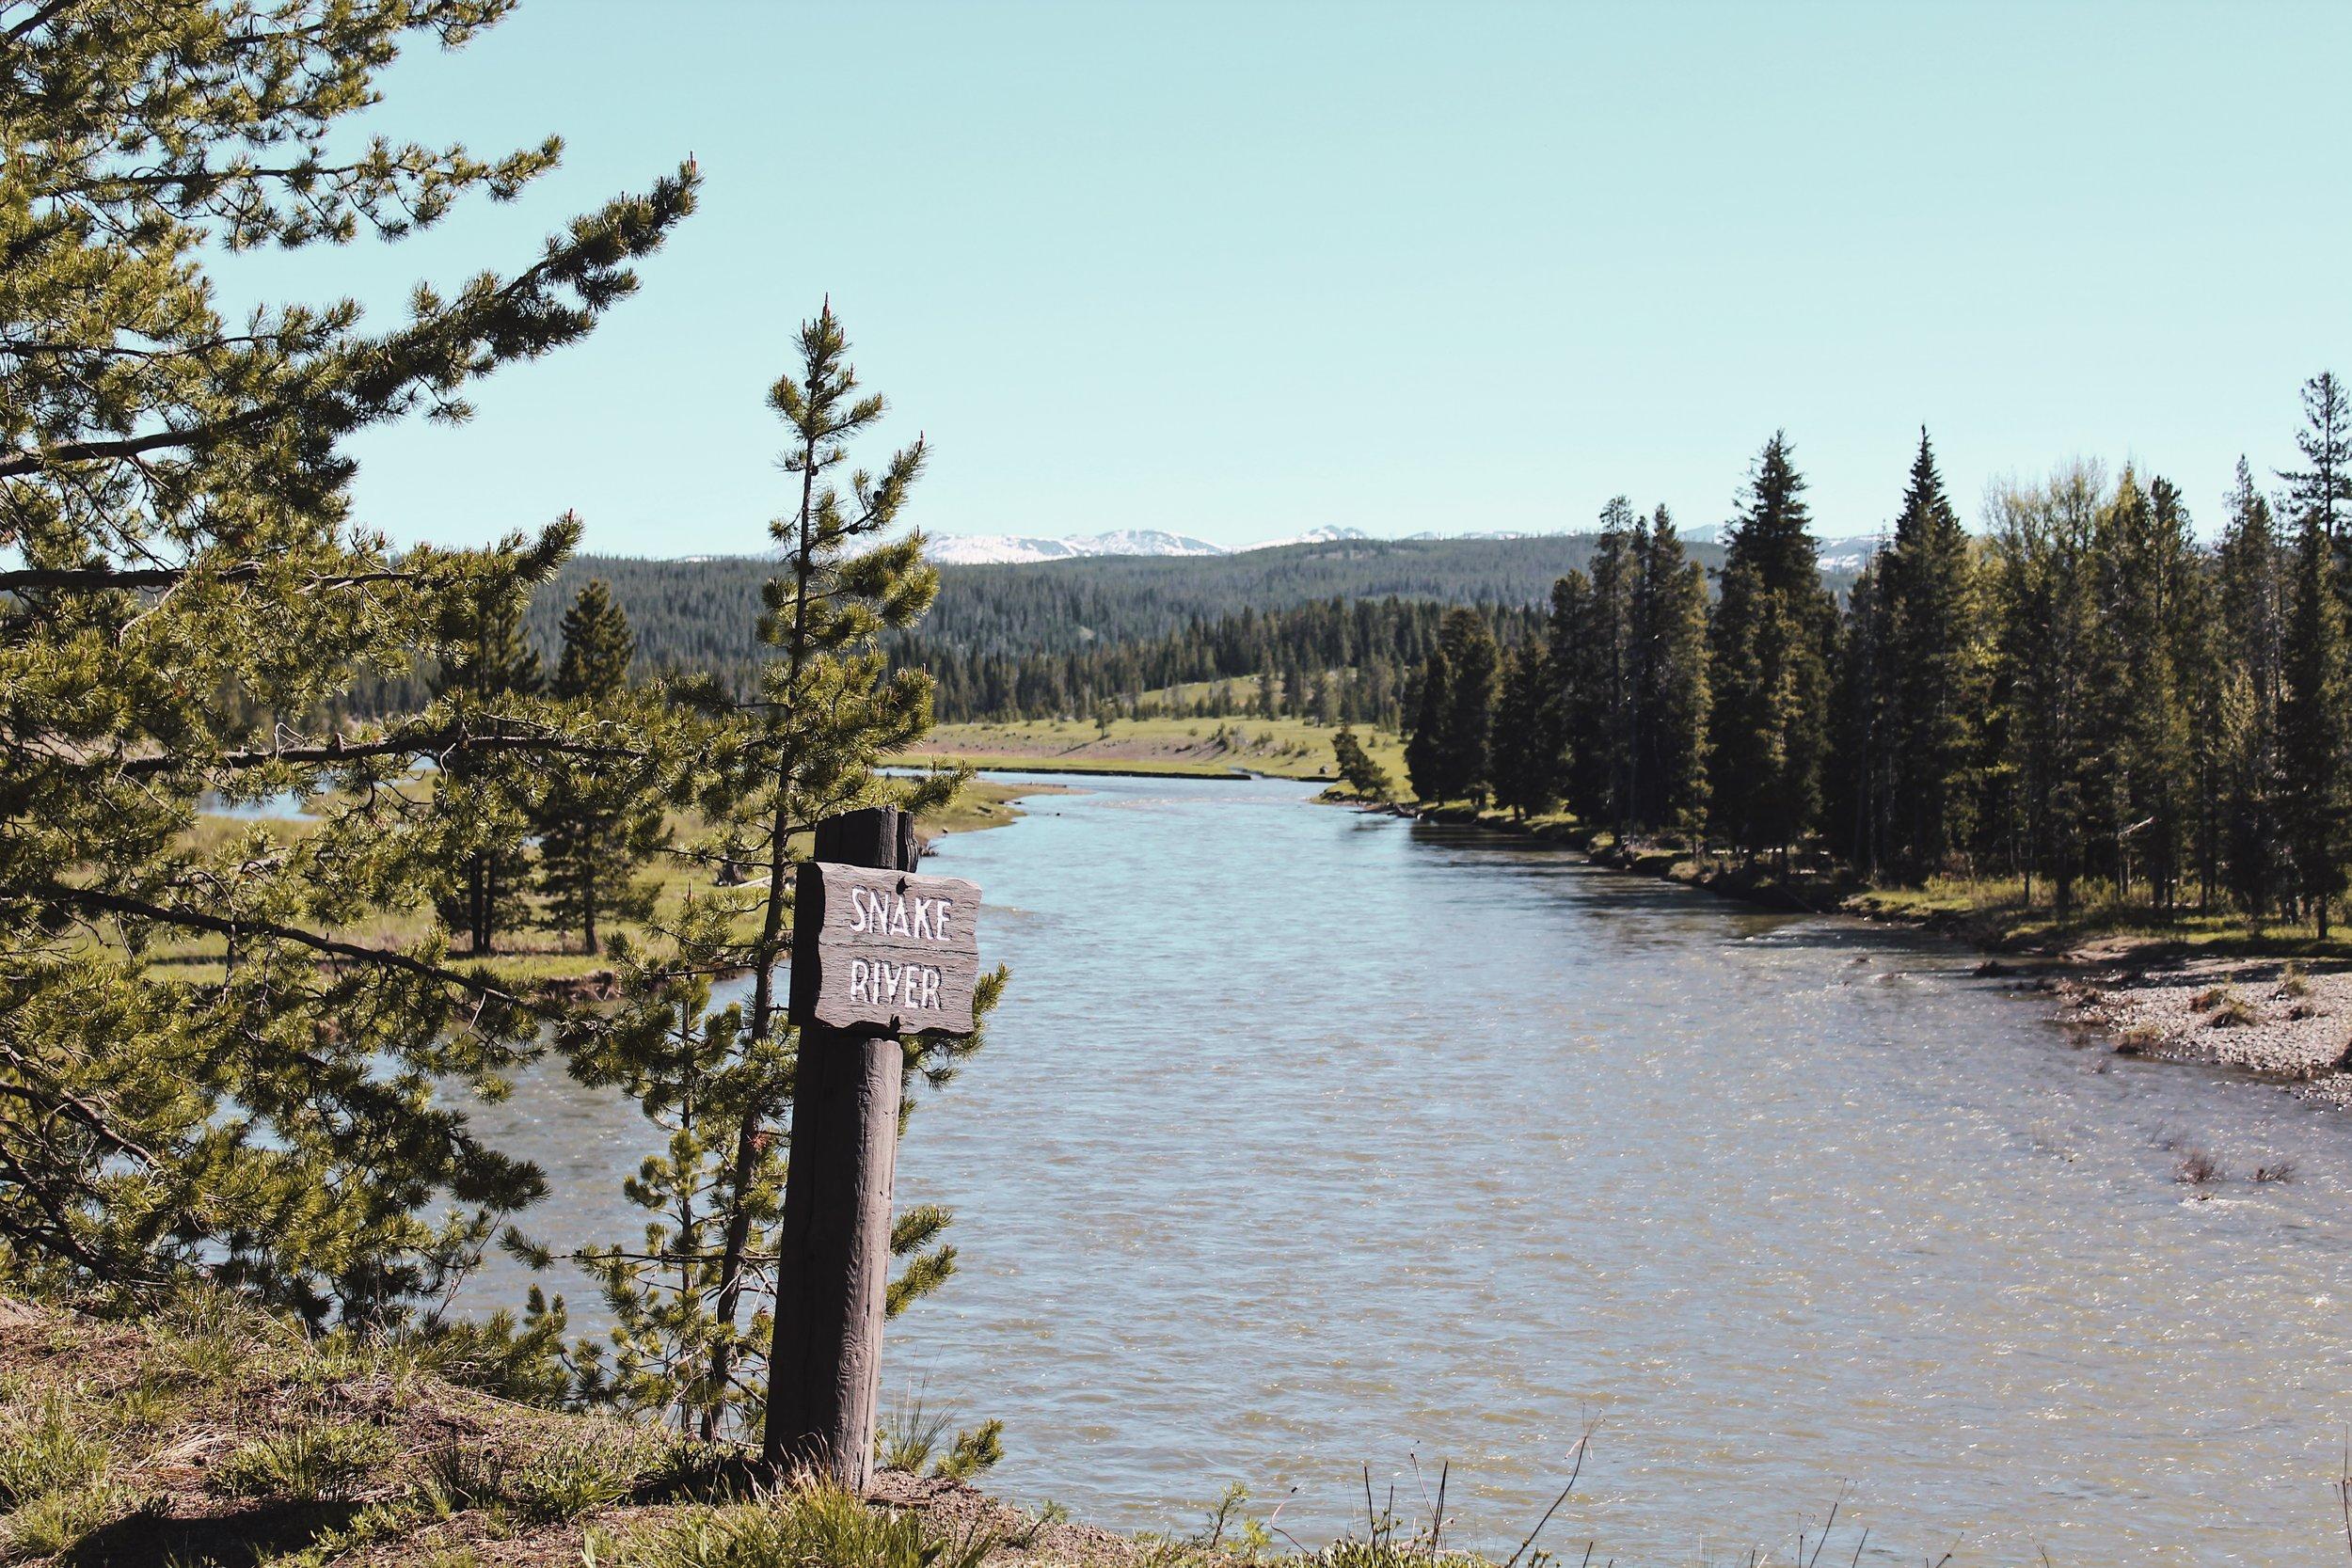 Snake River [2].JPG